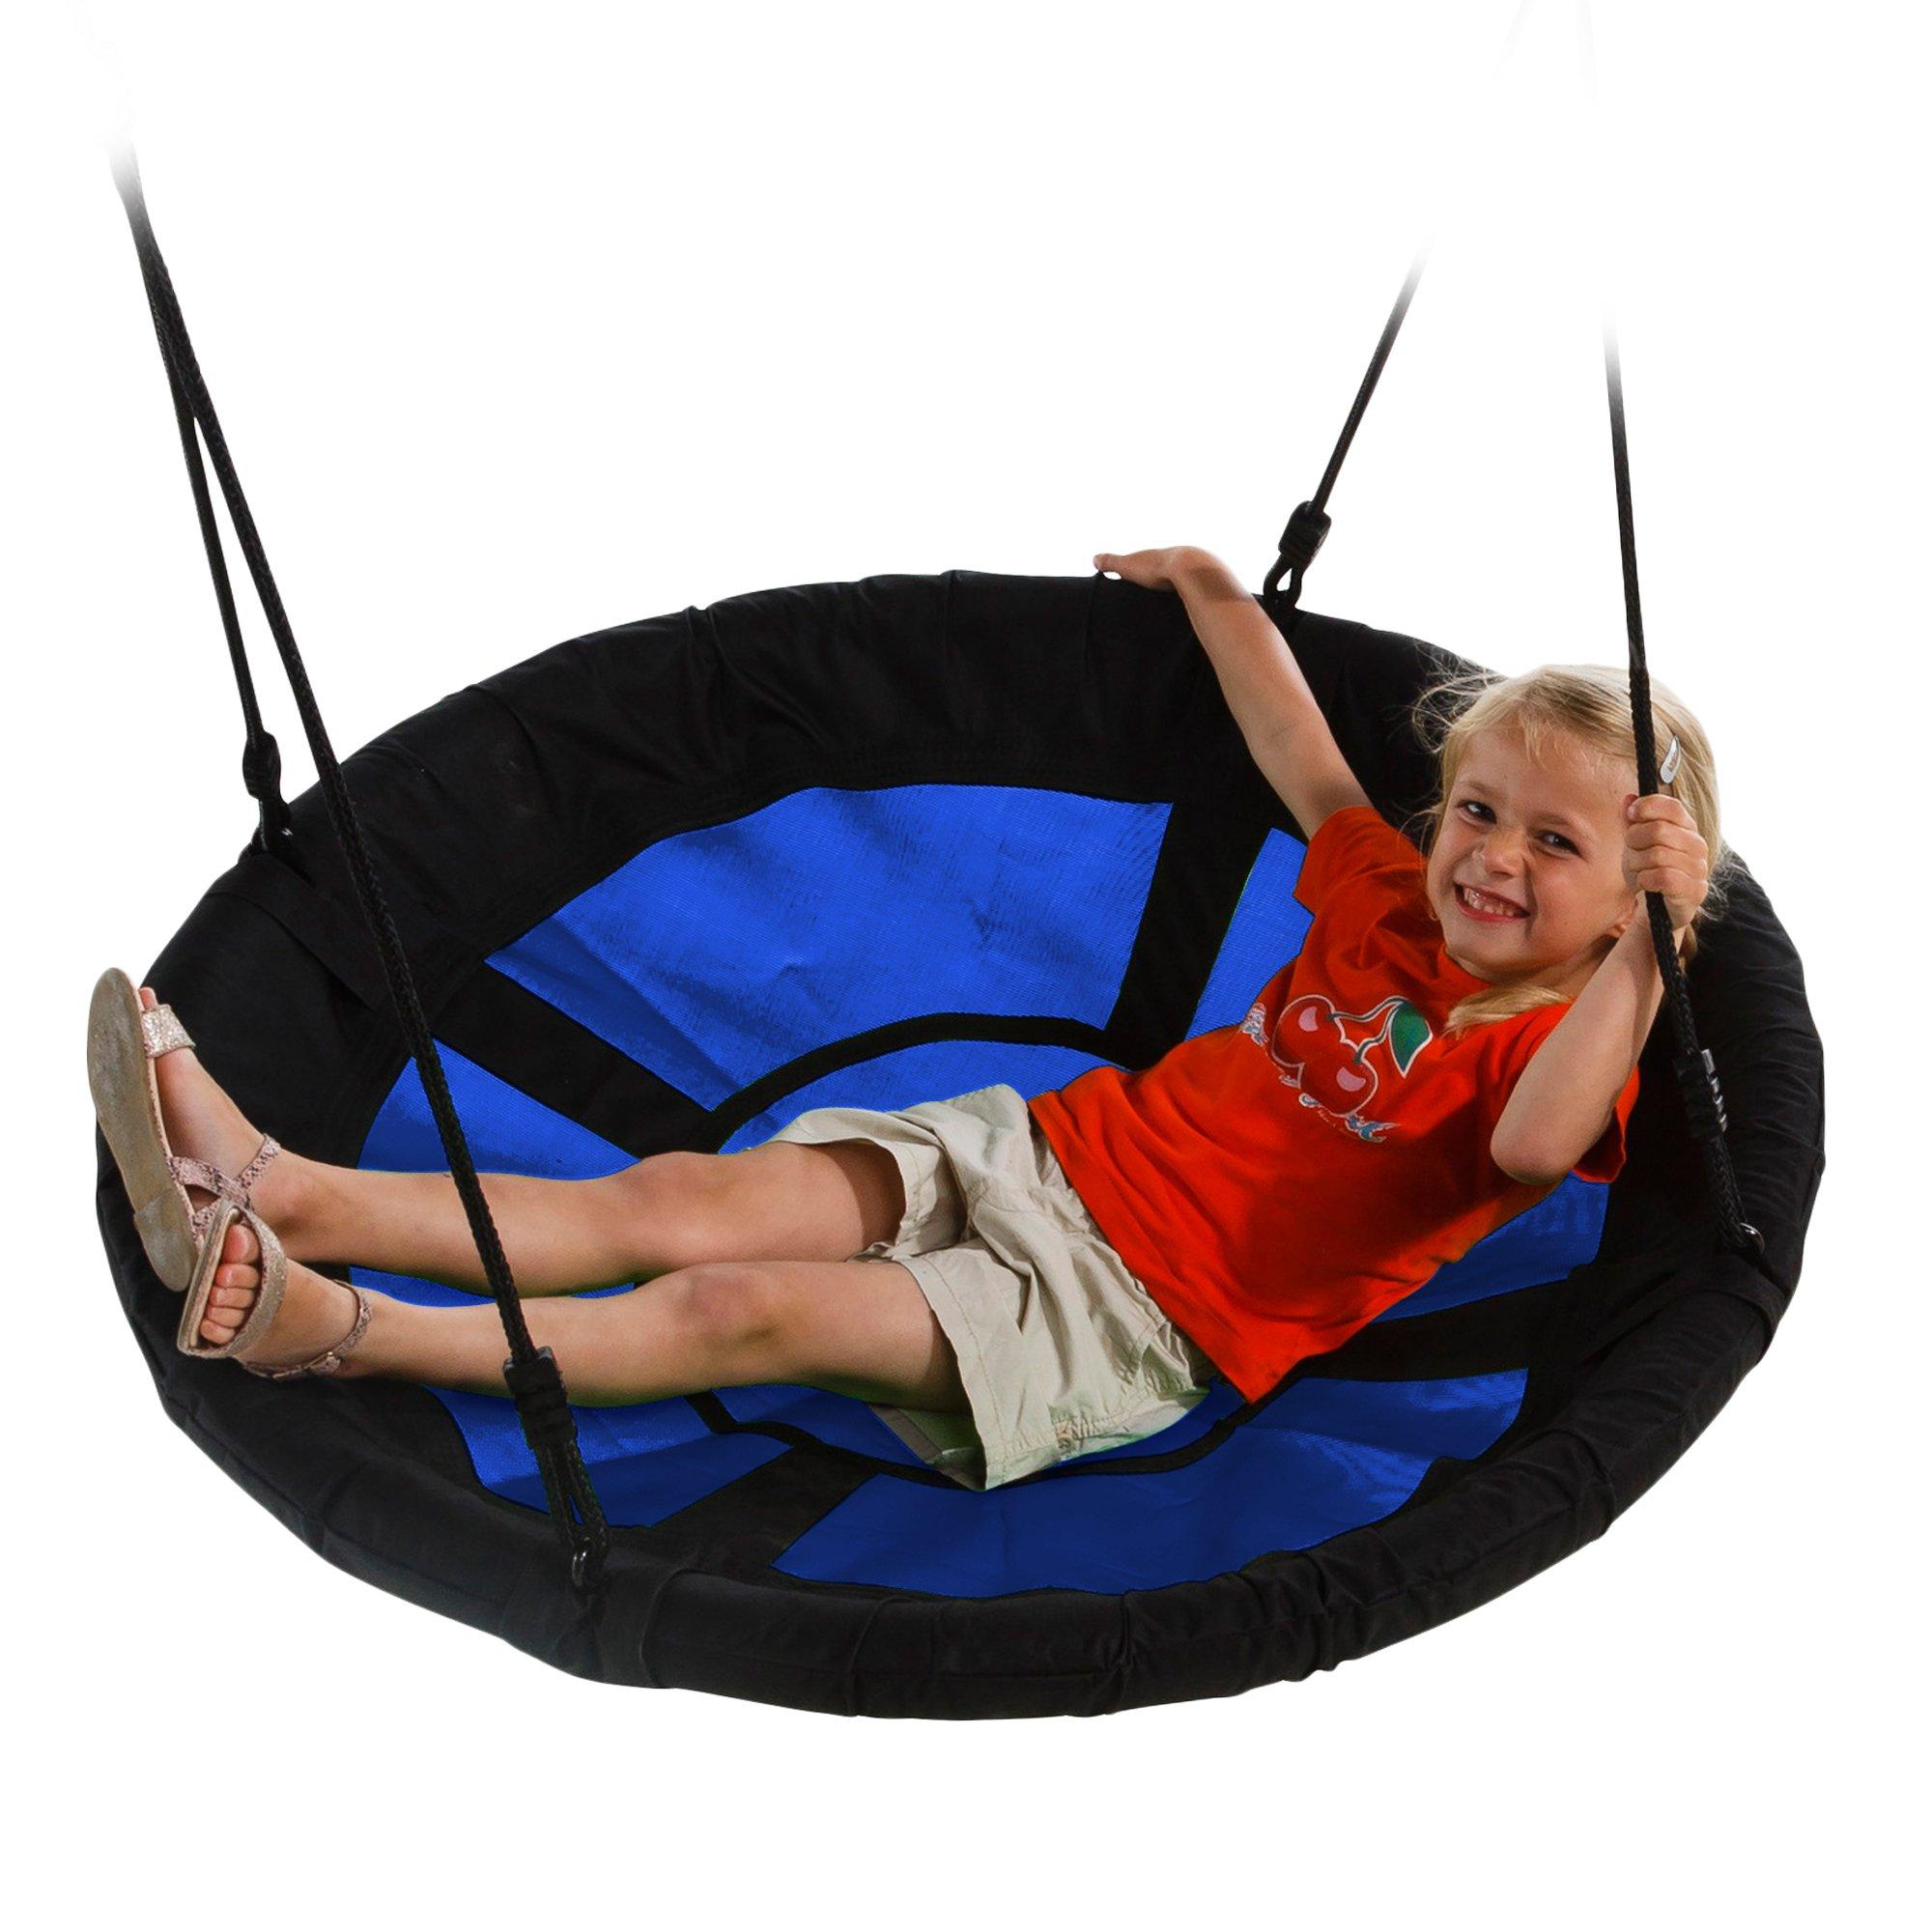 Swing-N-Slide WS 4861 Nest Swing with 40'' Diameter, Blue by Swing-N-Slide